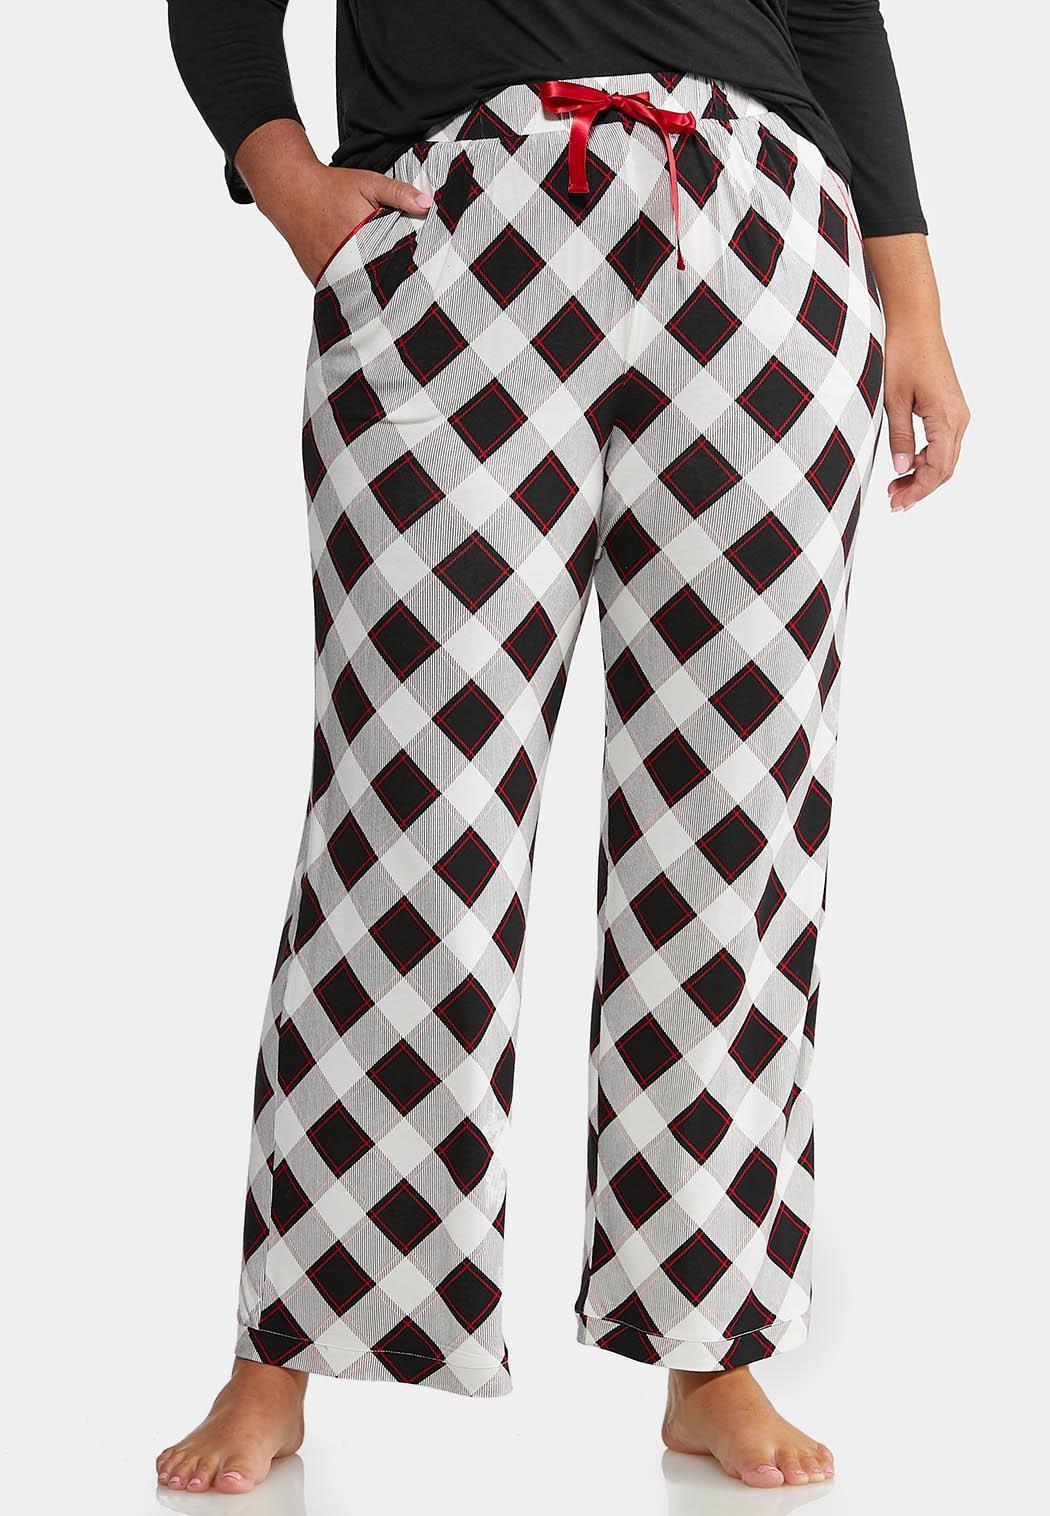 Plus Size Plaid Lounge Pants